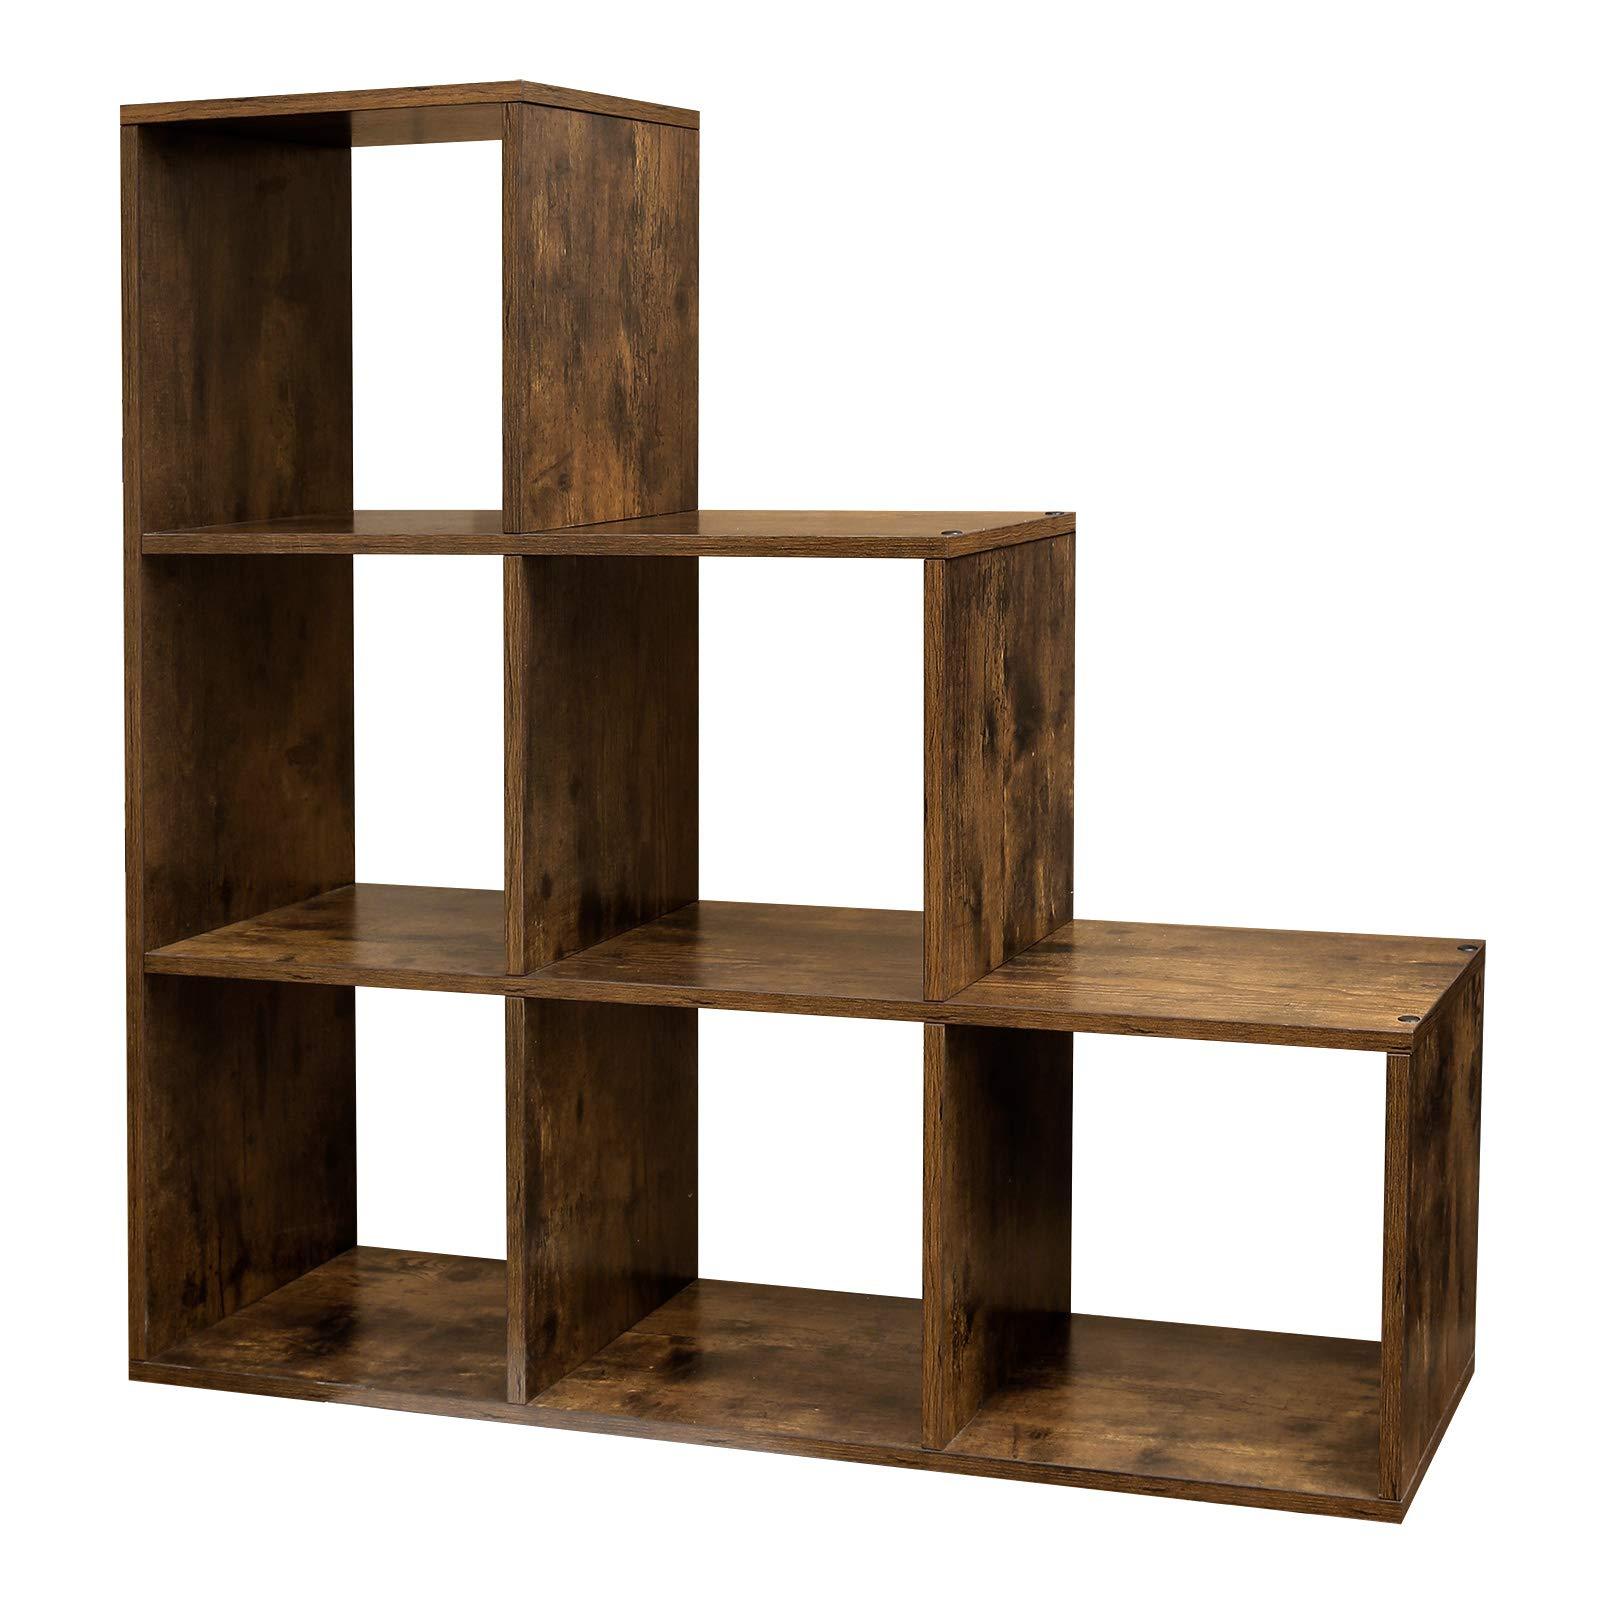 VASAGLE Treppenregal, Bücherregal mit 10 Würfeln, Leiterregal, Würfelregal,  freistehendes Regal, Raumteiler, für Büro, Wohnzimmer, Schlafzimmer,